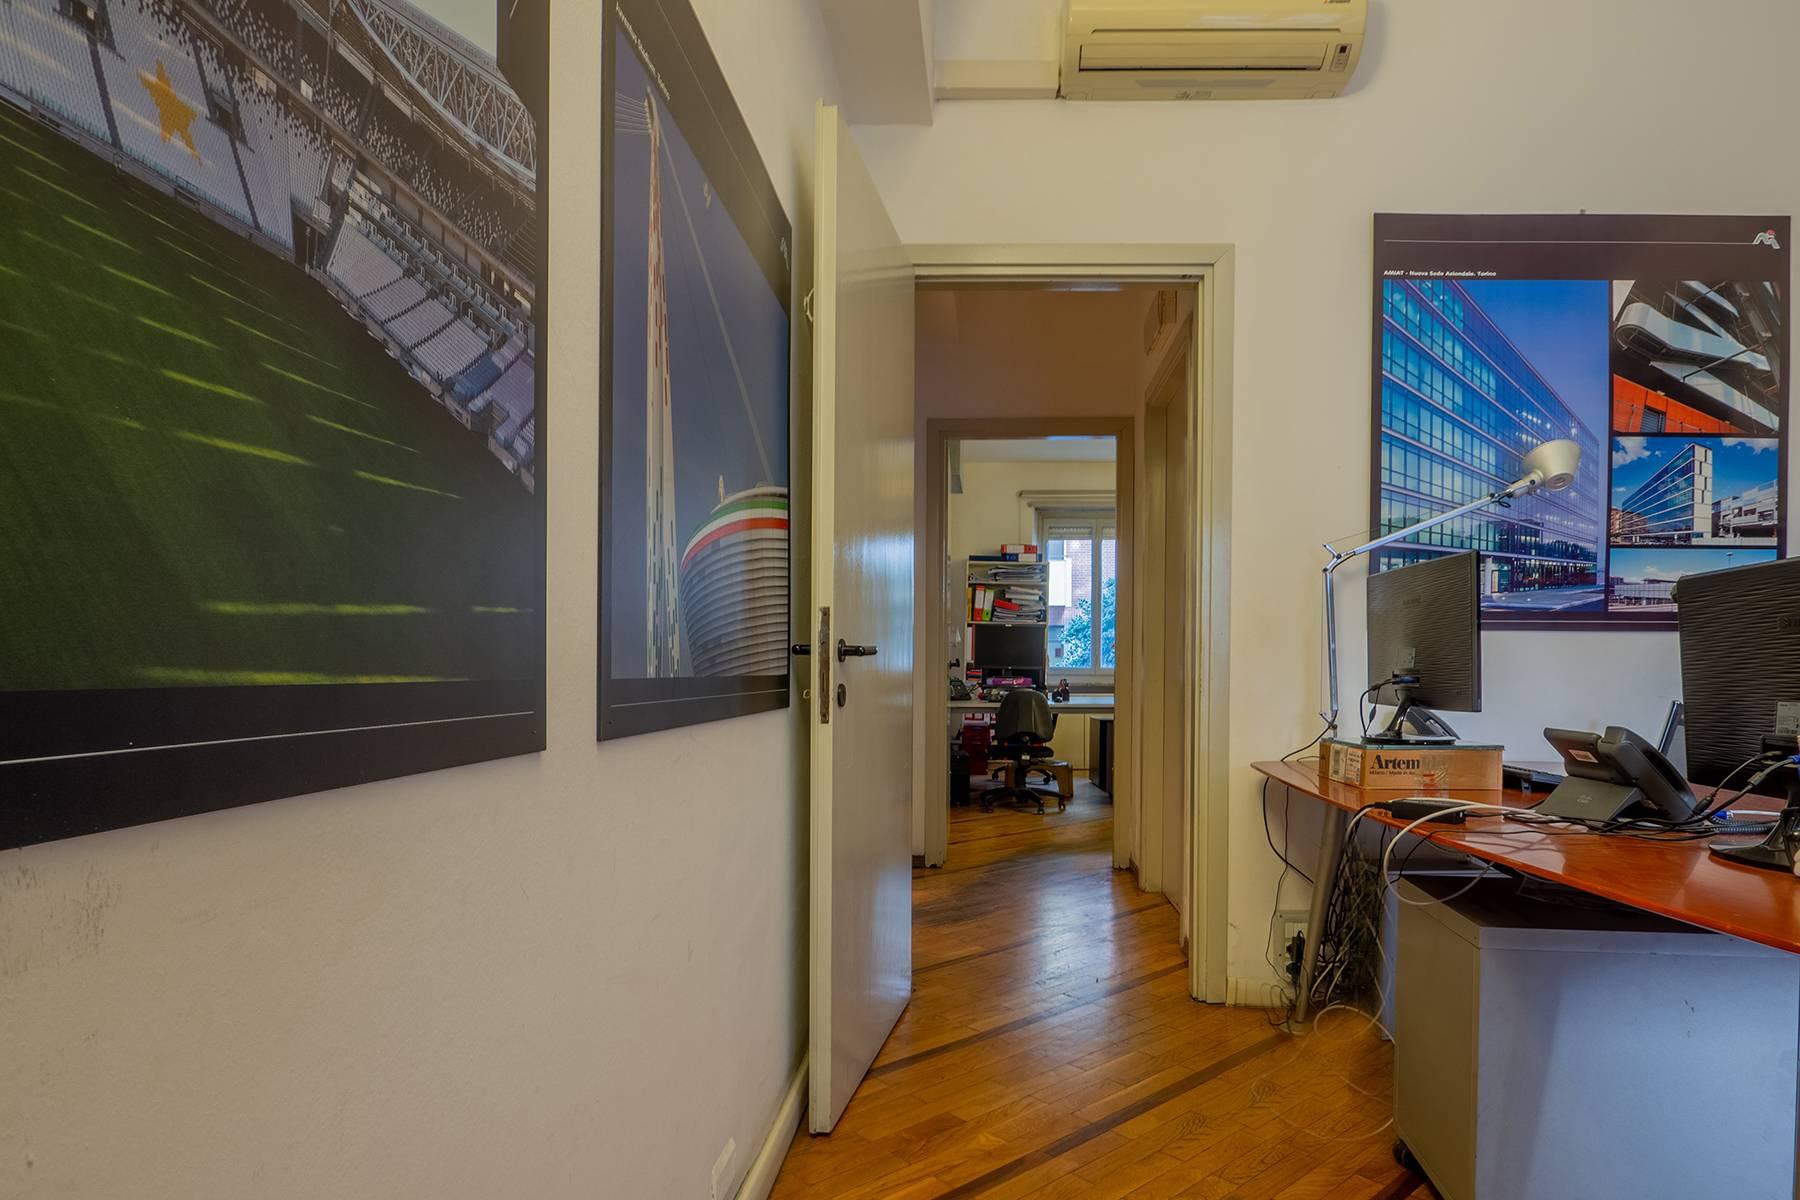 Ufficio-studio in Vendita a Torino: 2 locali, 89 mq - Foto 5